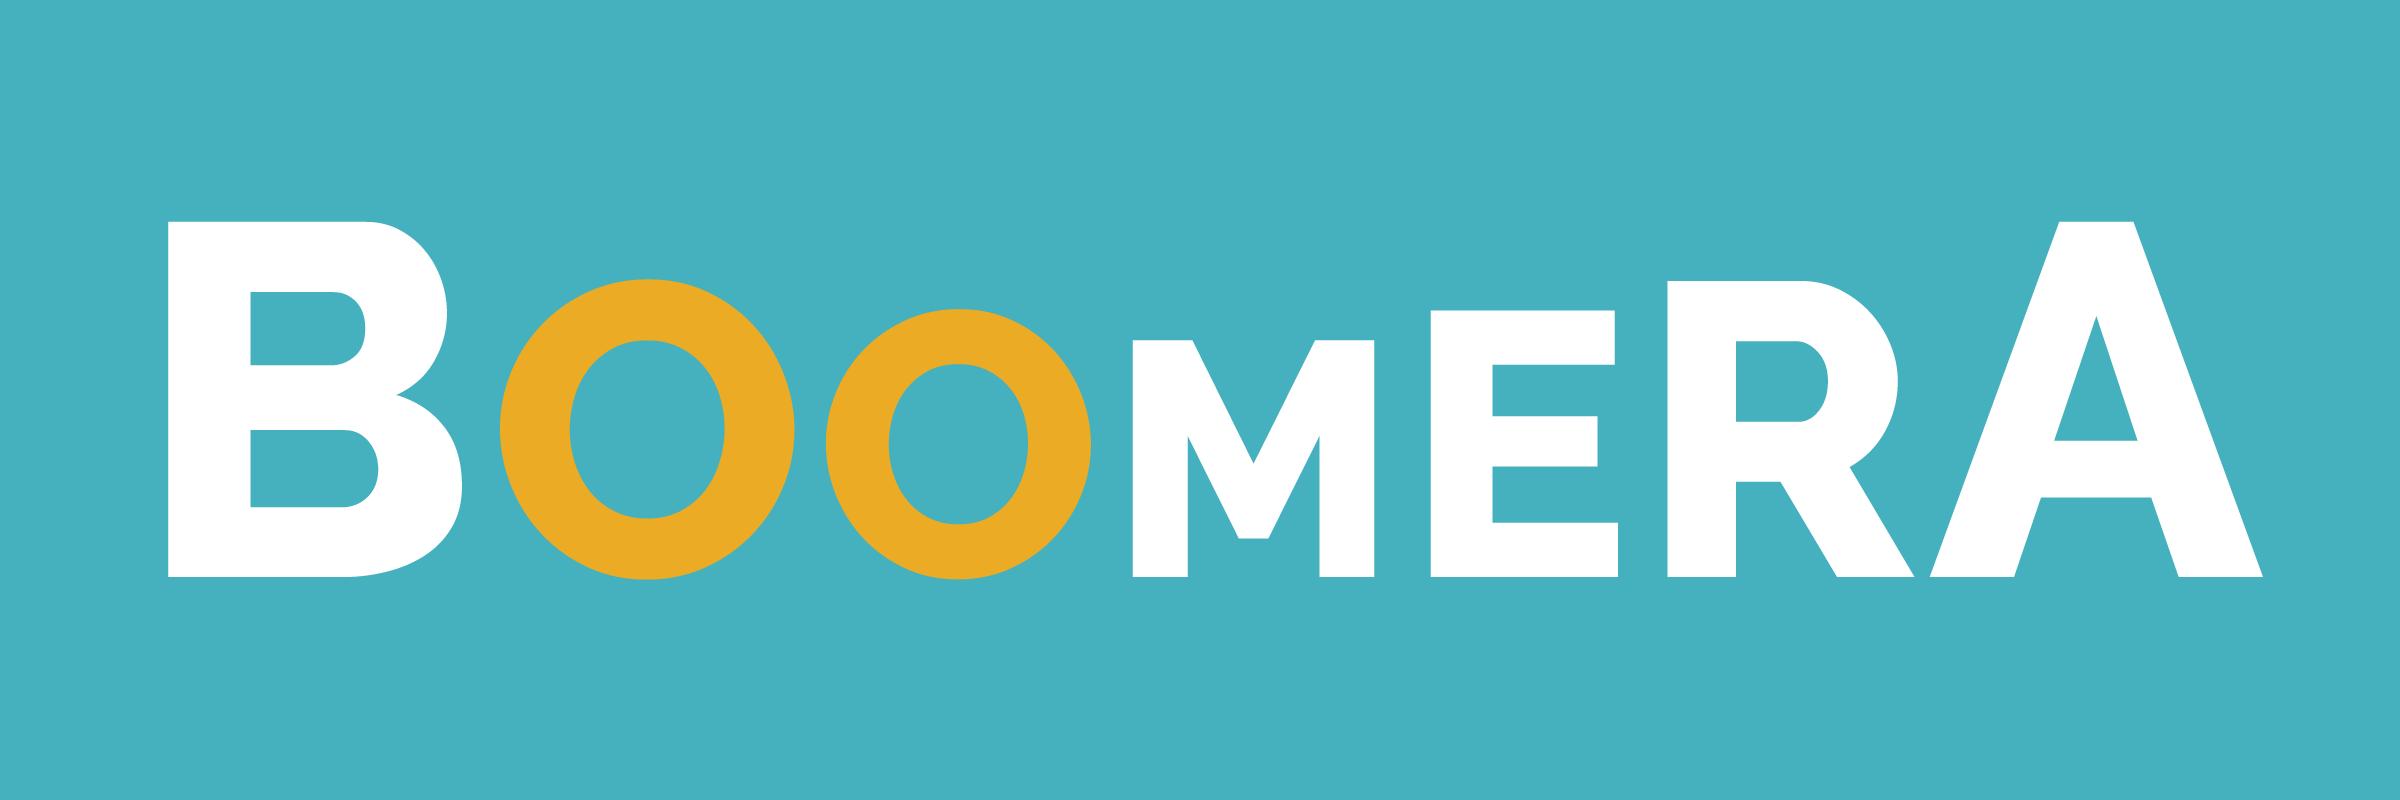 Boomera-Schriftzug6.0